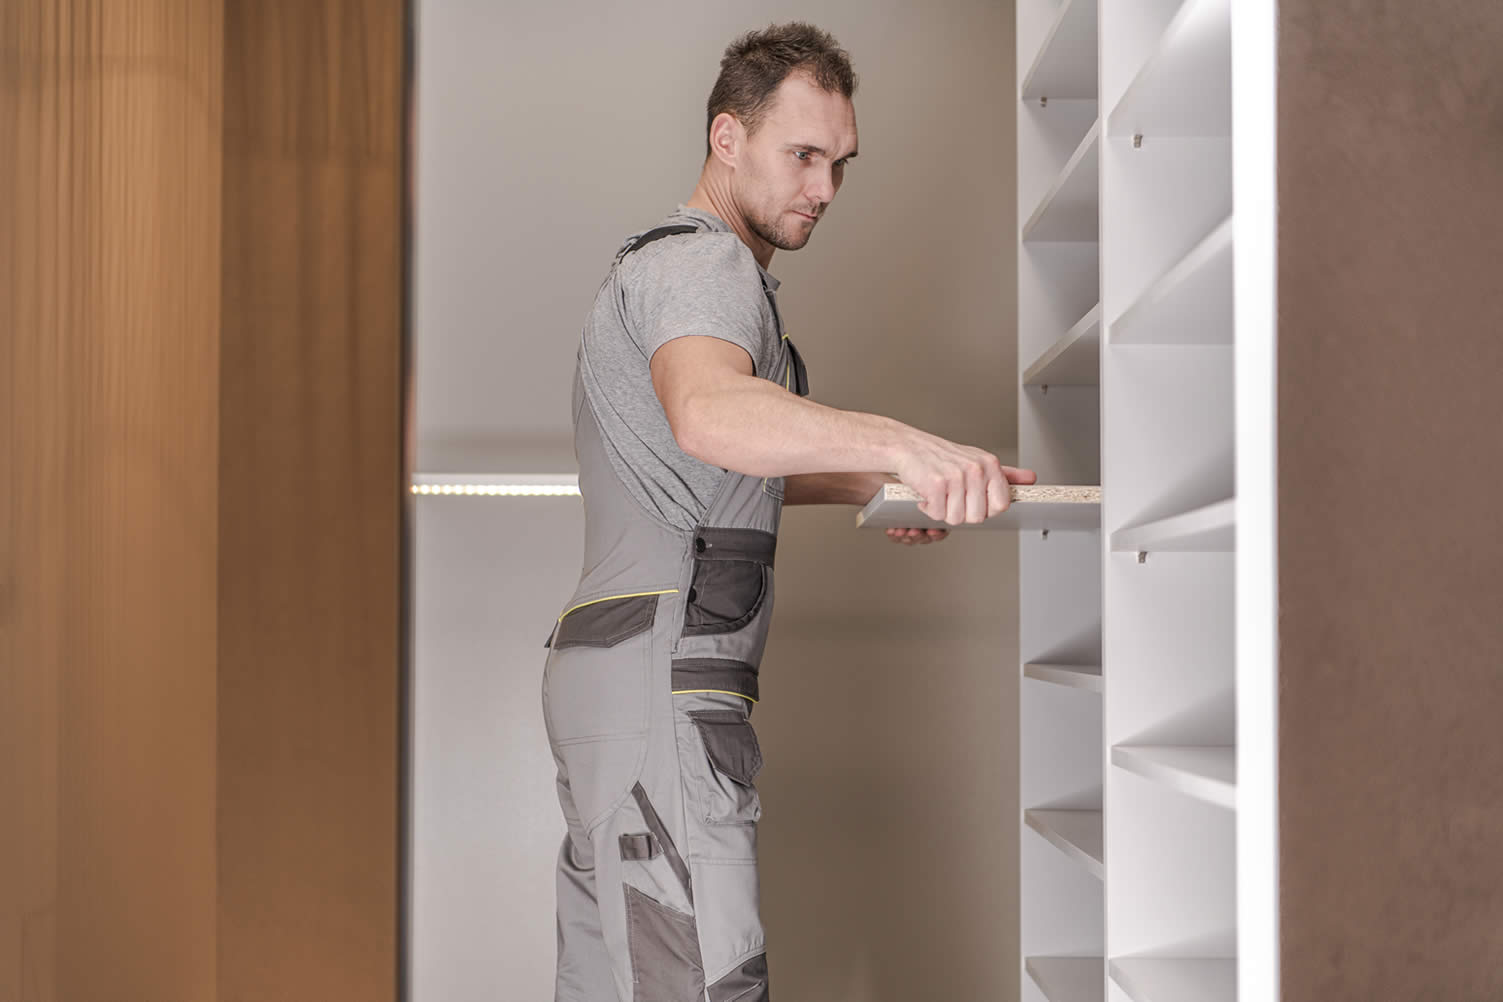 renovation professionals